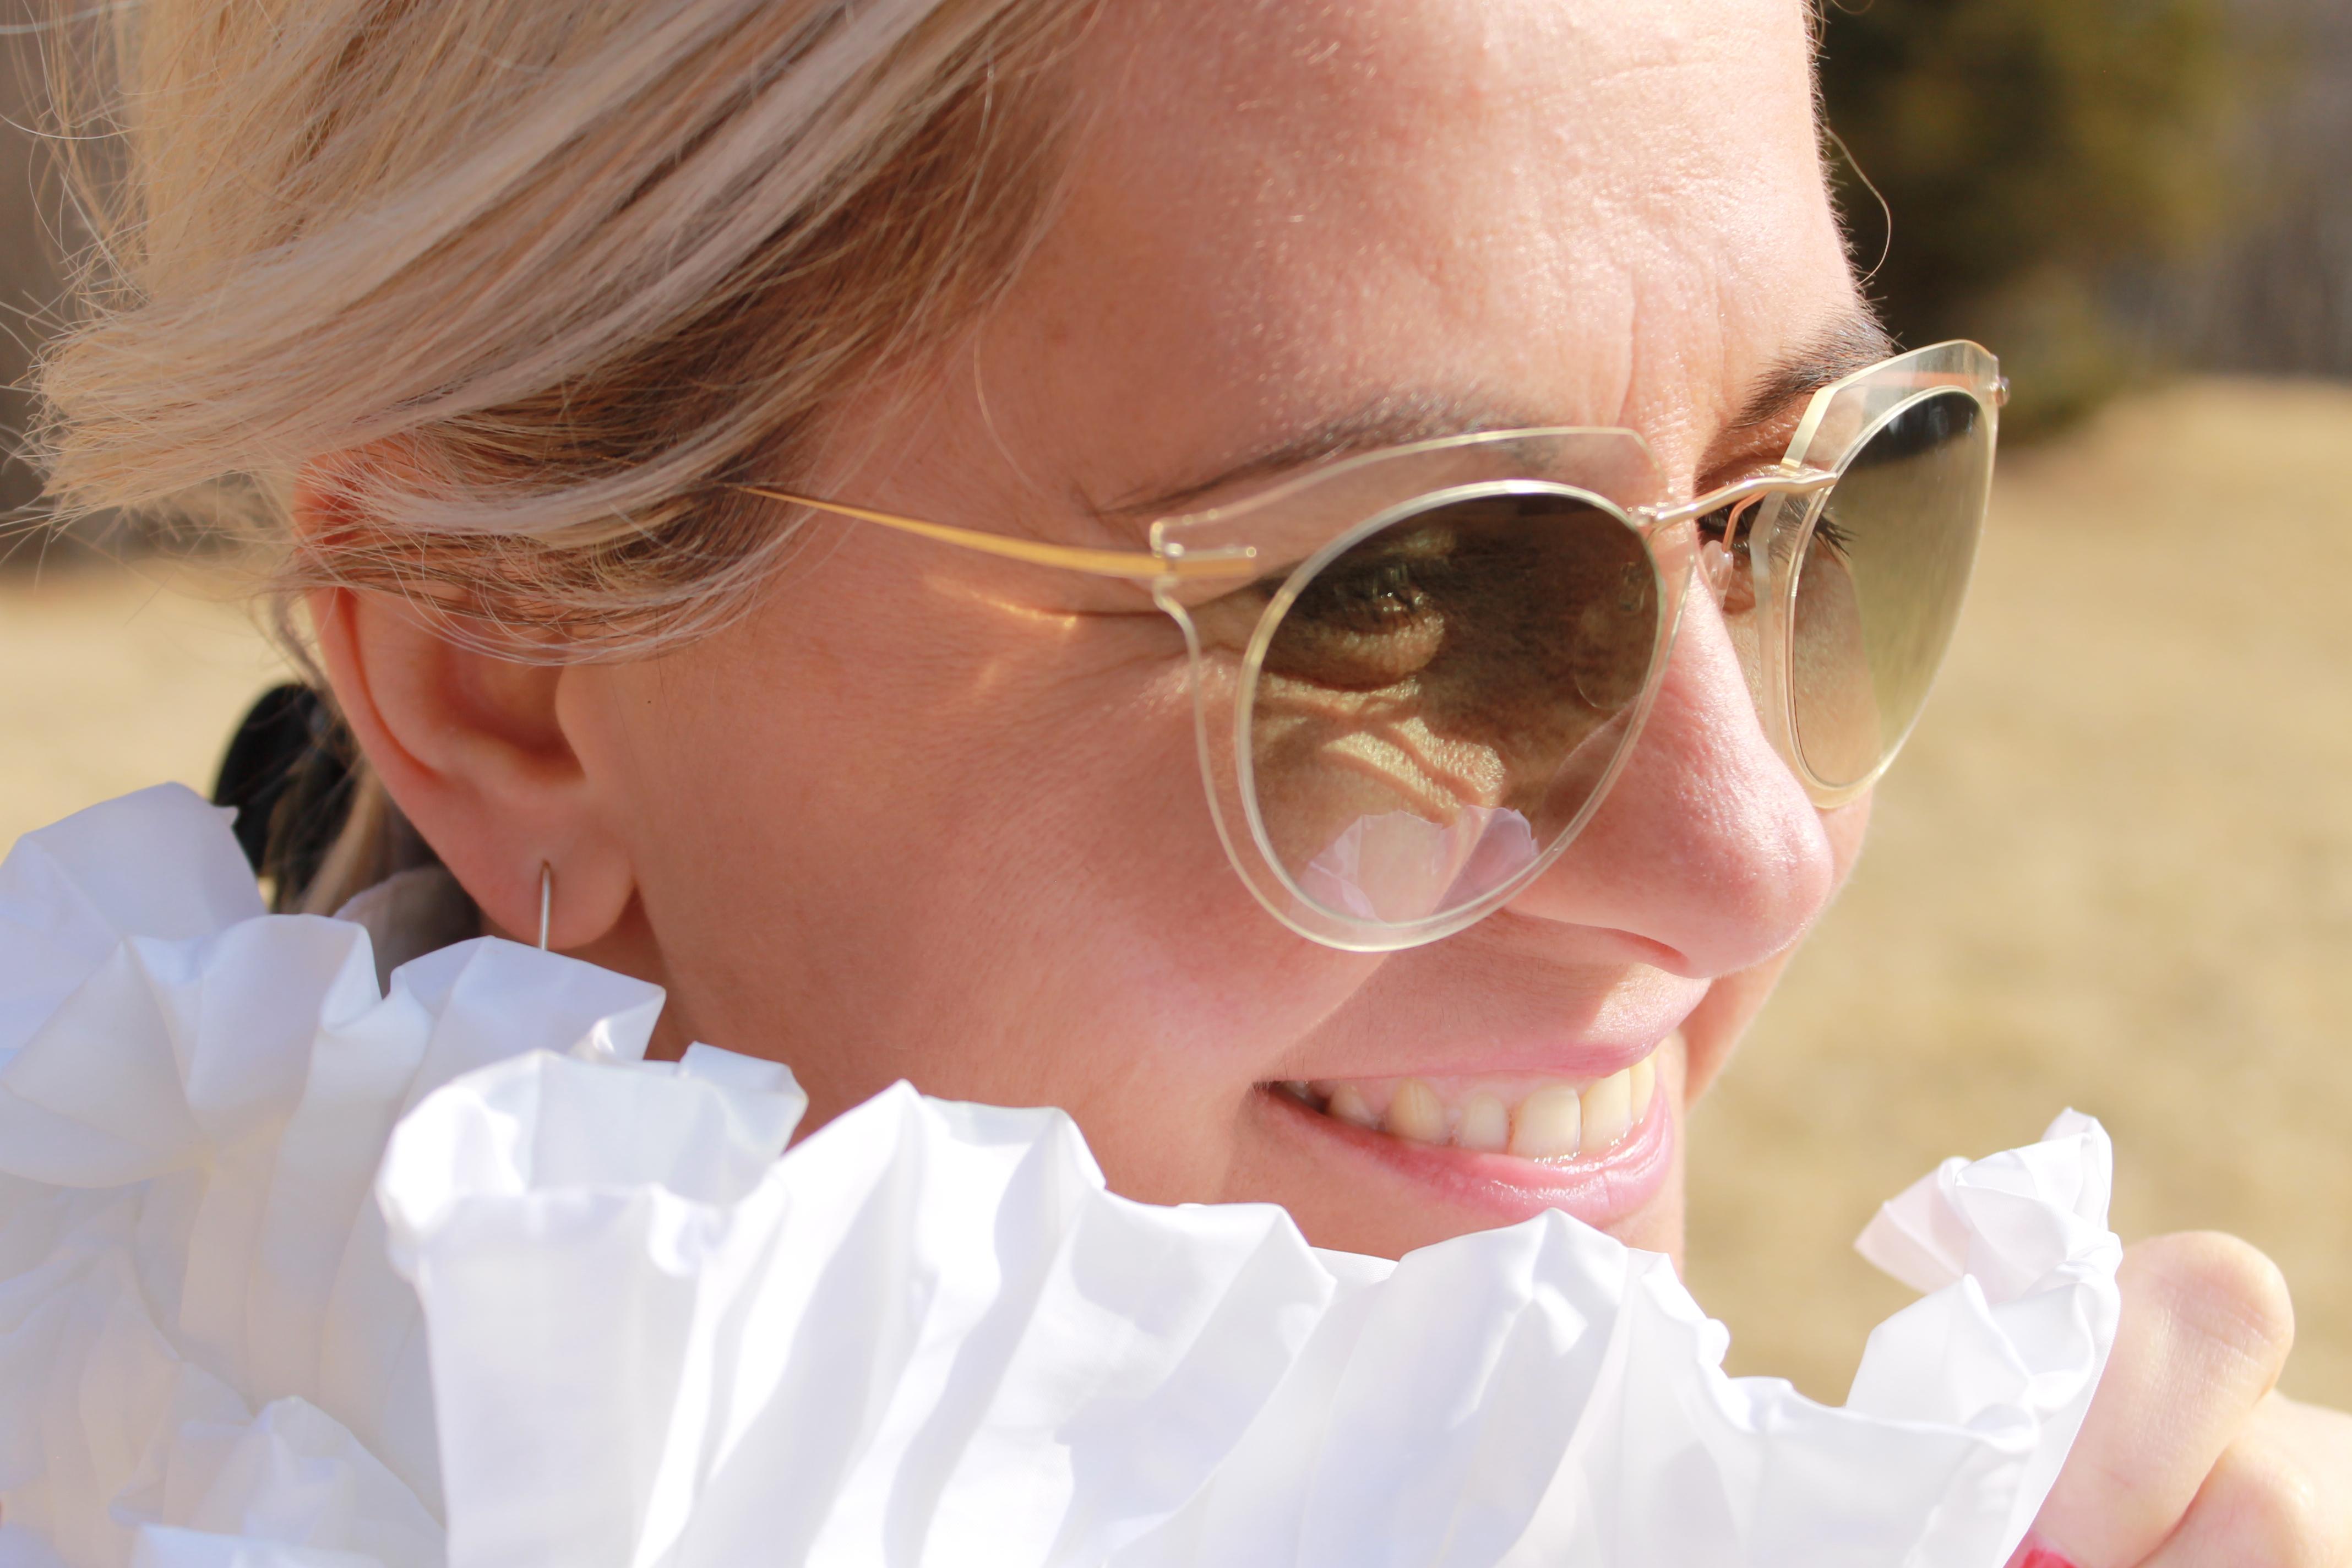 e4b8076501 Silhouette dal 1964 produce in Austria gli occhiali in titanio più  leggeri,confortevoli,con design inconfondibile e unico dettando le regole  in fatto di ...